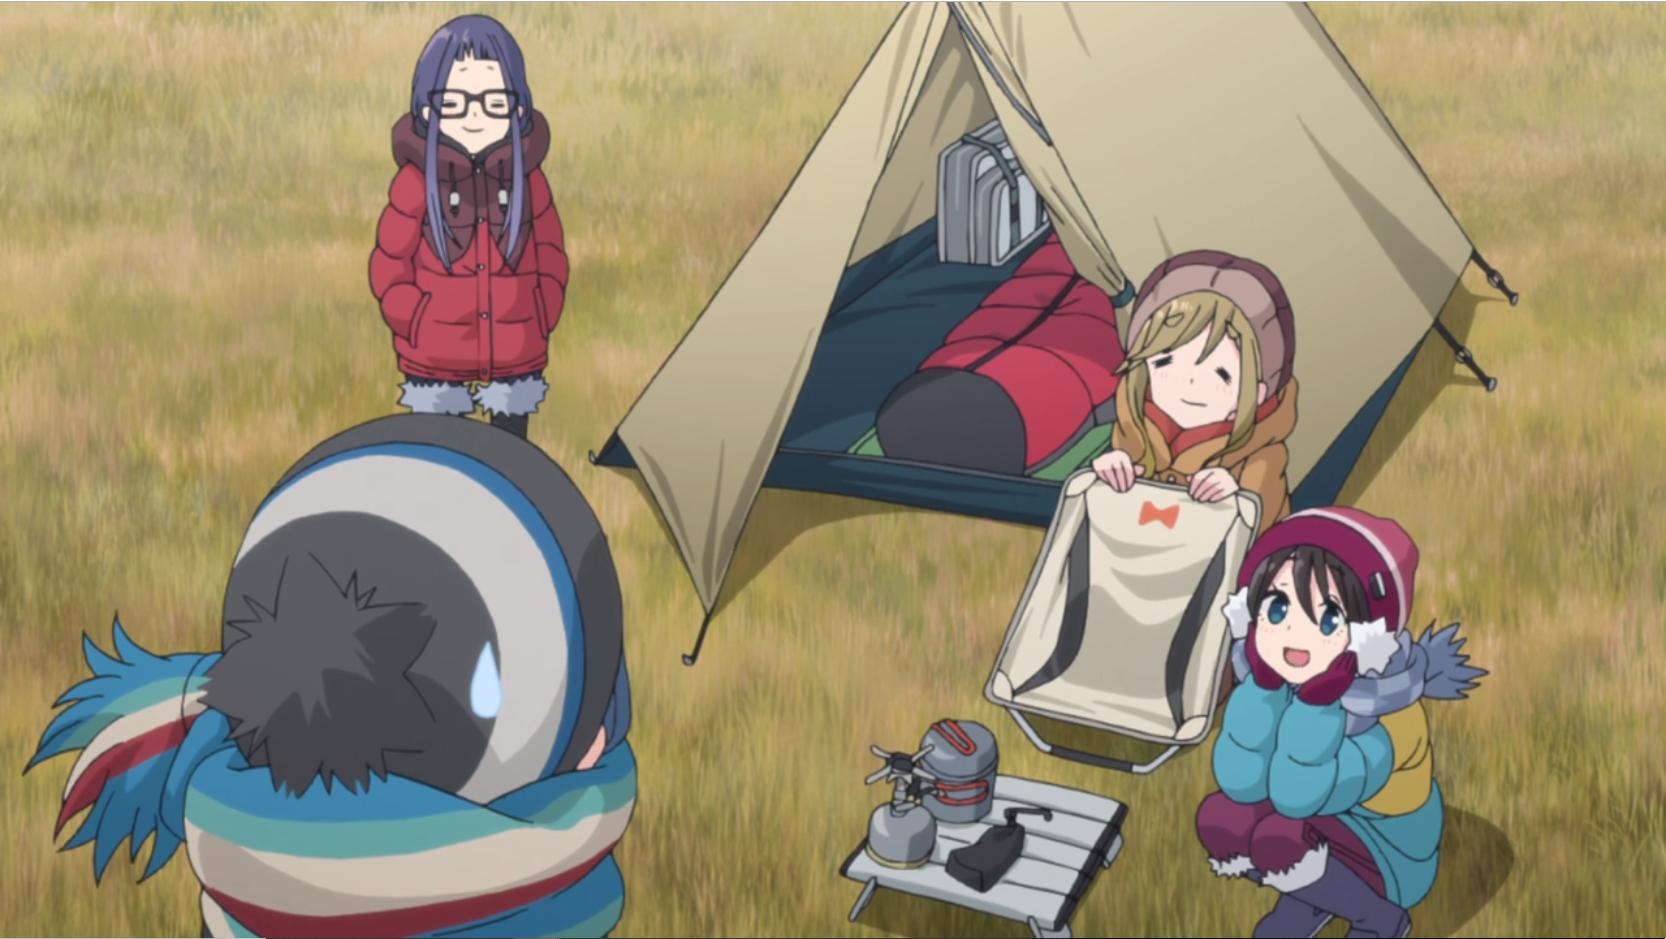 アニメ『ゆるキャン△』11話の志摩リンのキャンプ道具